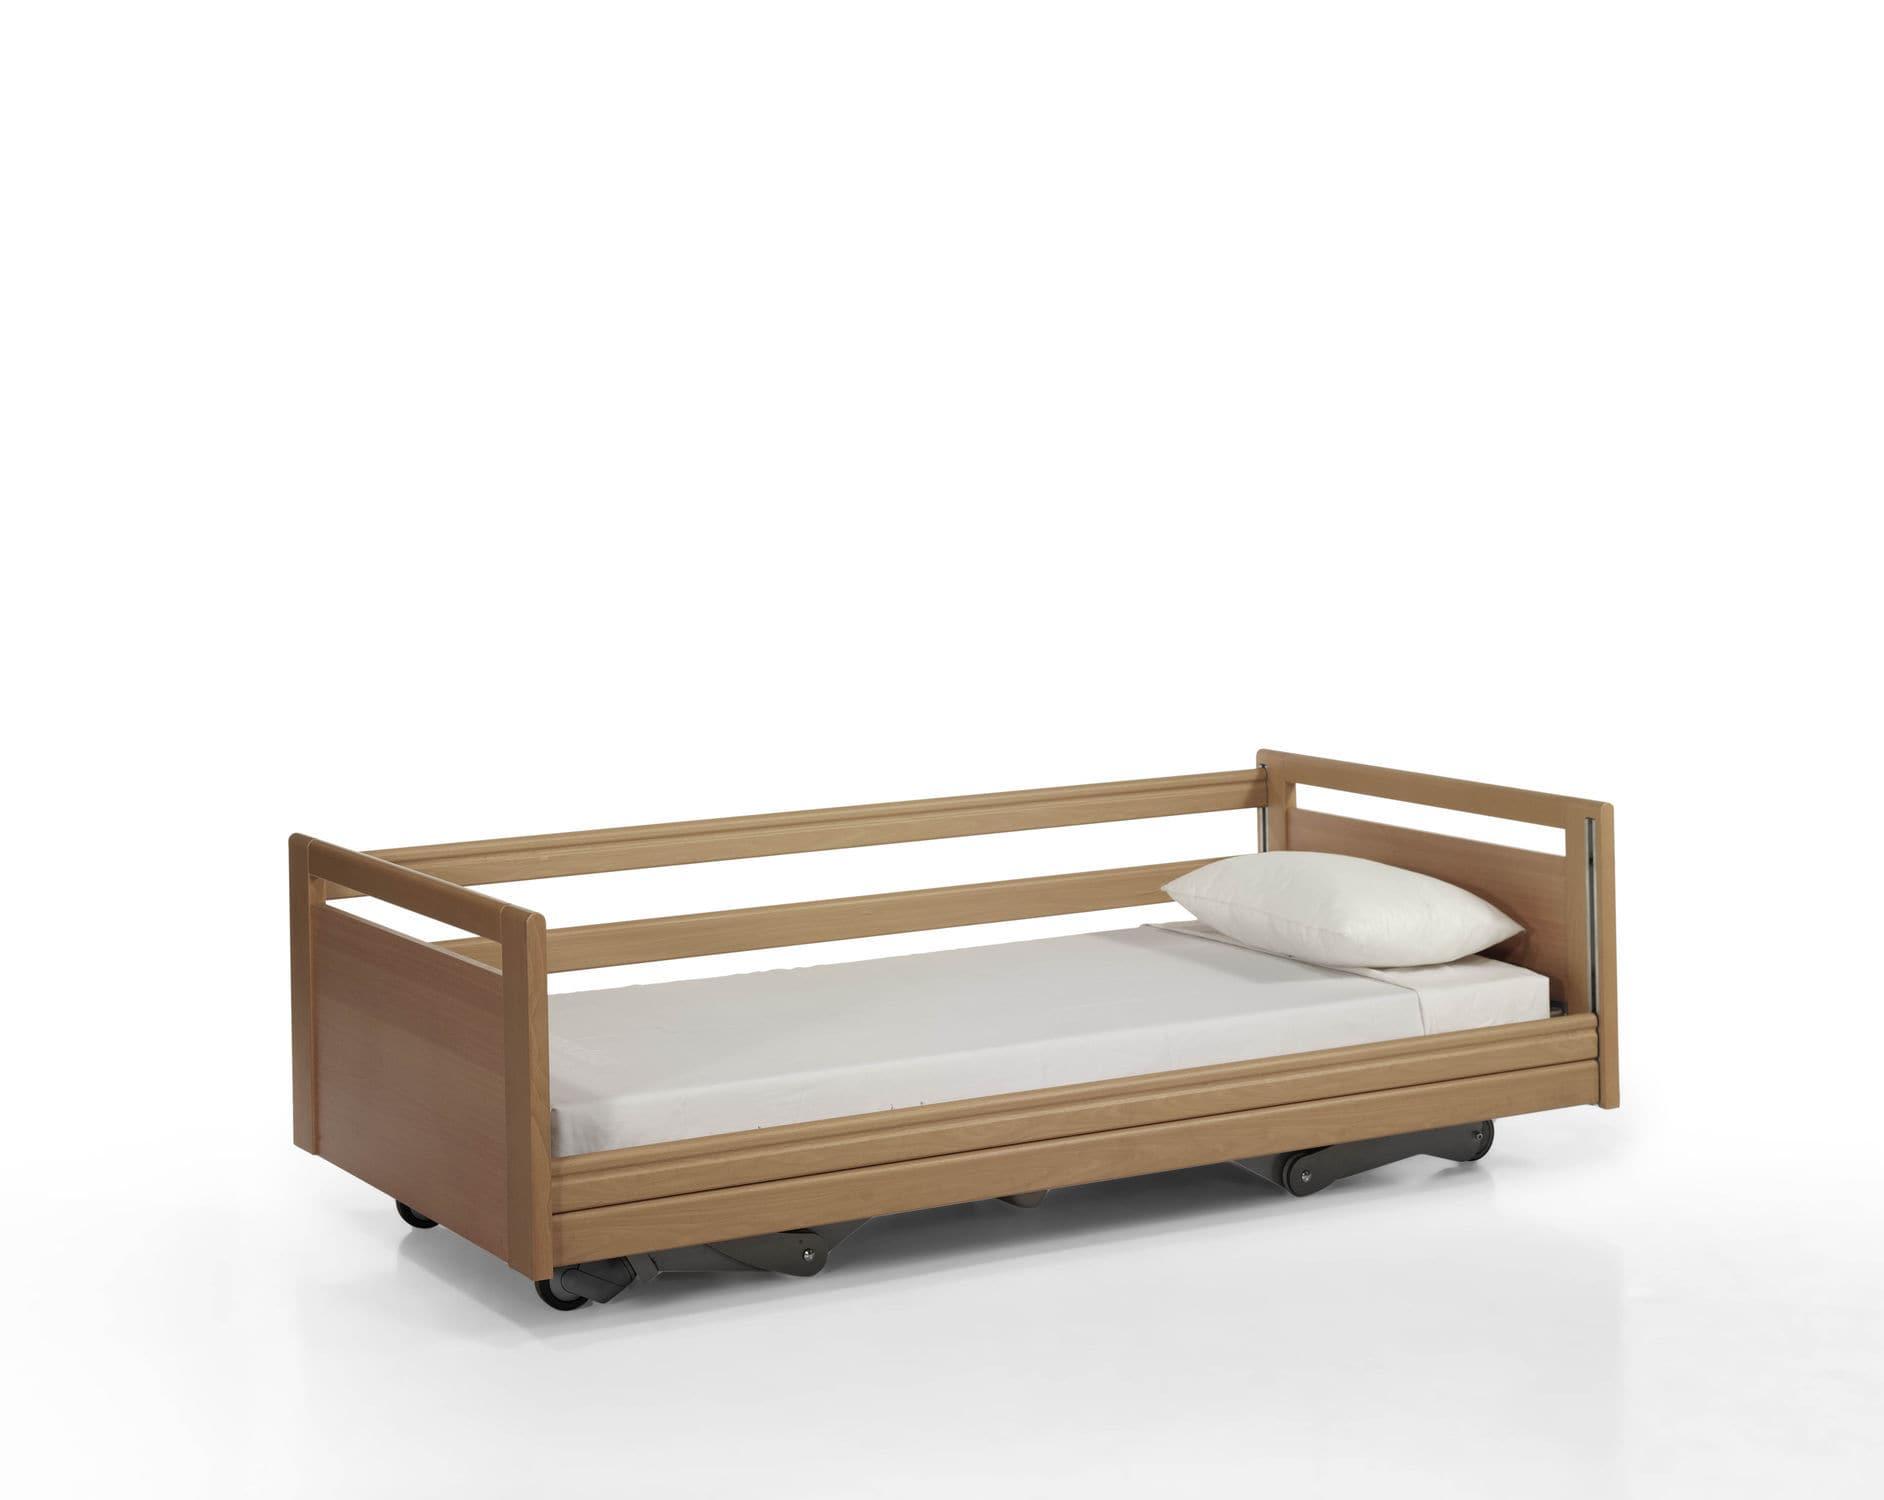 Full Size of Bett Niedrig Coole Betten 2x2m Mit Schubladen Rückenlehne München Zum Ausziehen Matratze Und Lattenrost Sofa Bettfunktion 220 X Vintage 140x200 Breite Bett Bett Niedrig